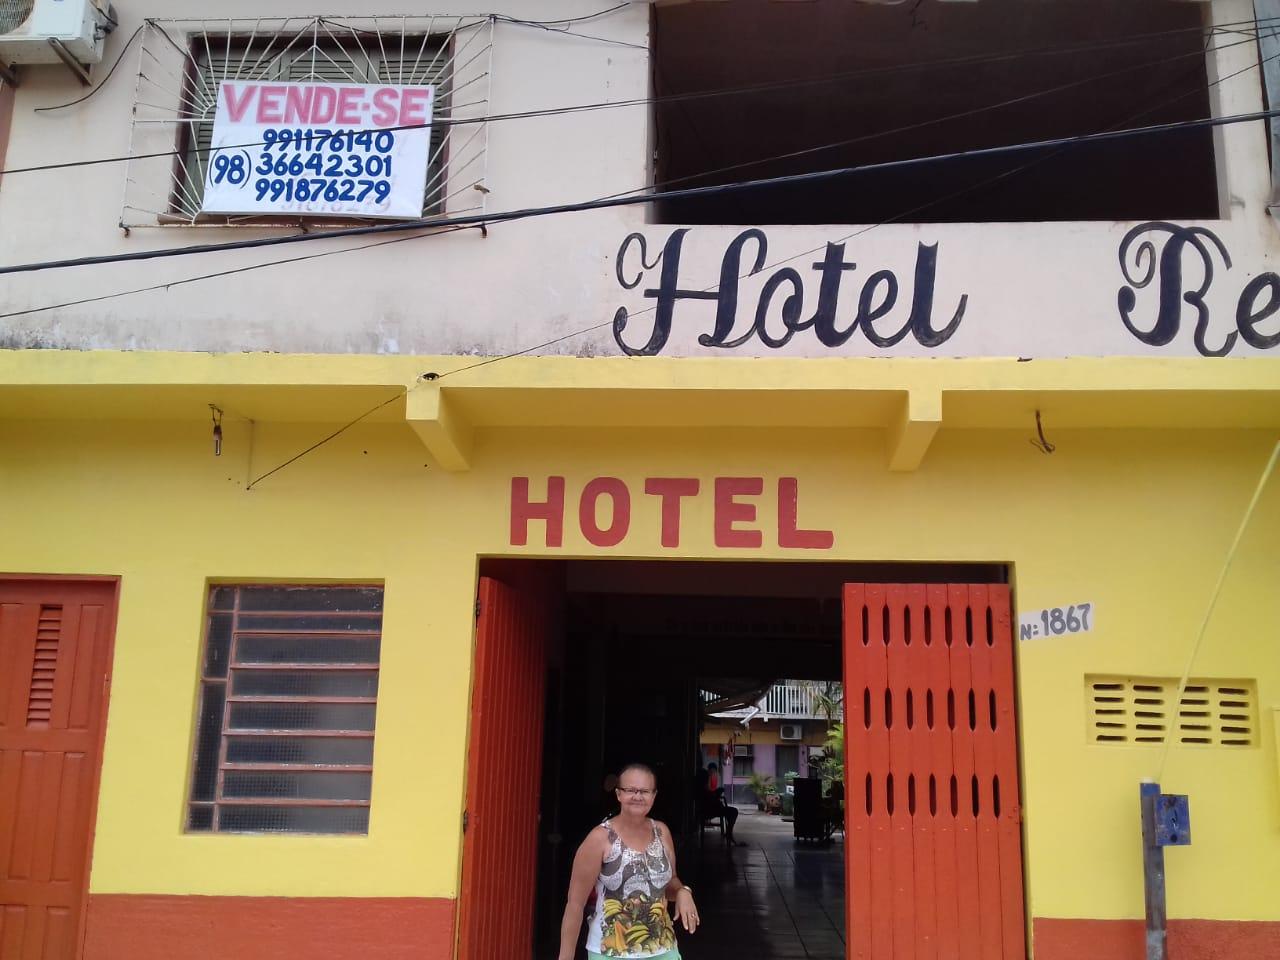 Vende-se HOTEL REI SALOMÃO